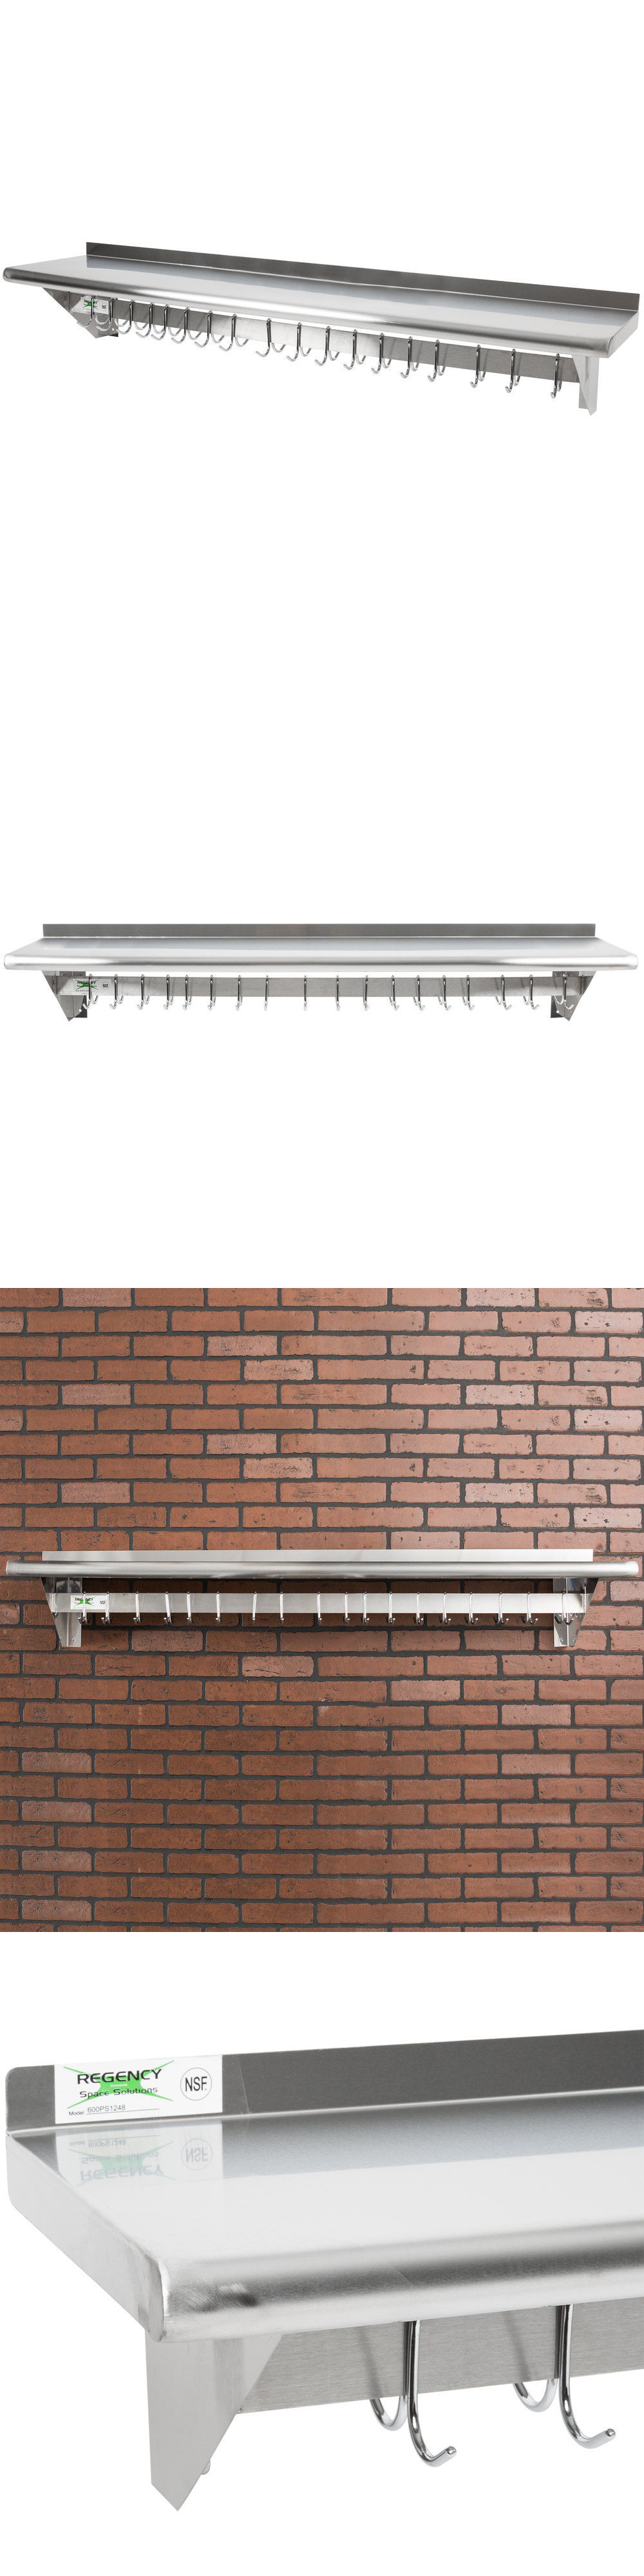 Restaurant Kitchen Racks racks and holders 46283: 12 x 60 stainless steel wall pot rack